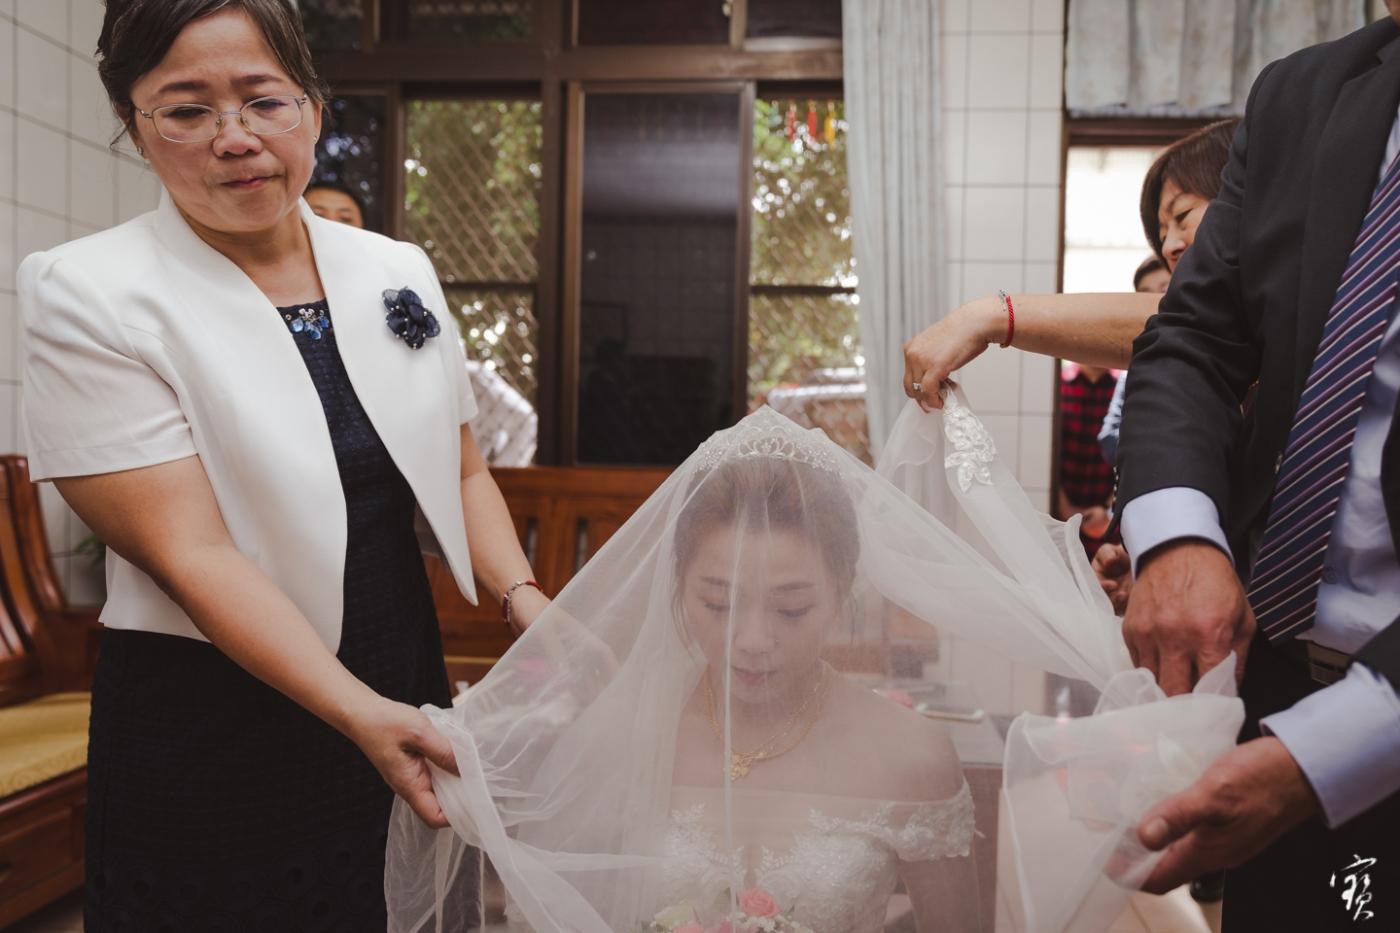 桃園婚禮 晶麒莊園 婚禮攝影 攝影師大寶 北部攝影 桃園攝影 新竹攝影 台北攝影 婚攝 早儀晚宴 1071014-46